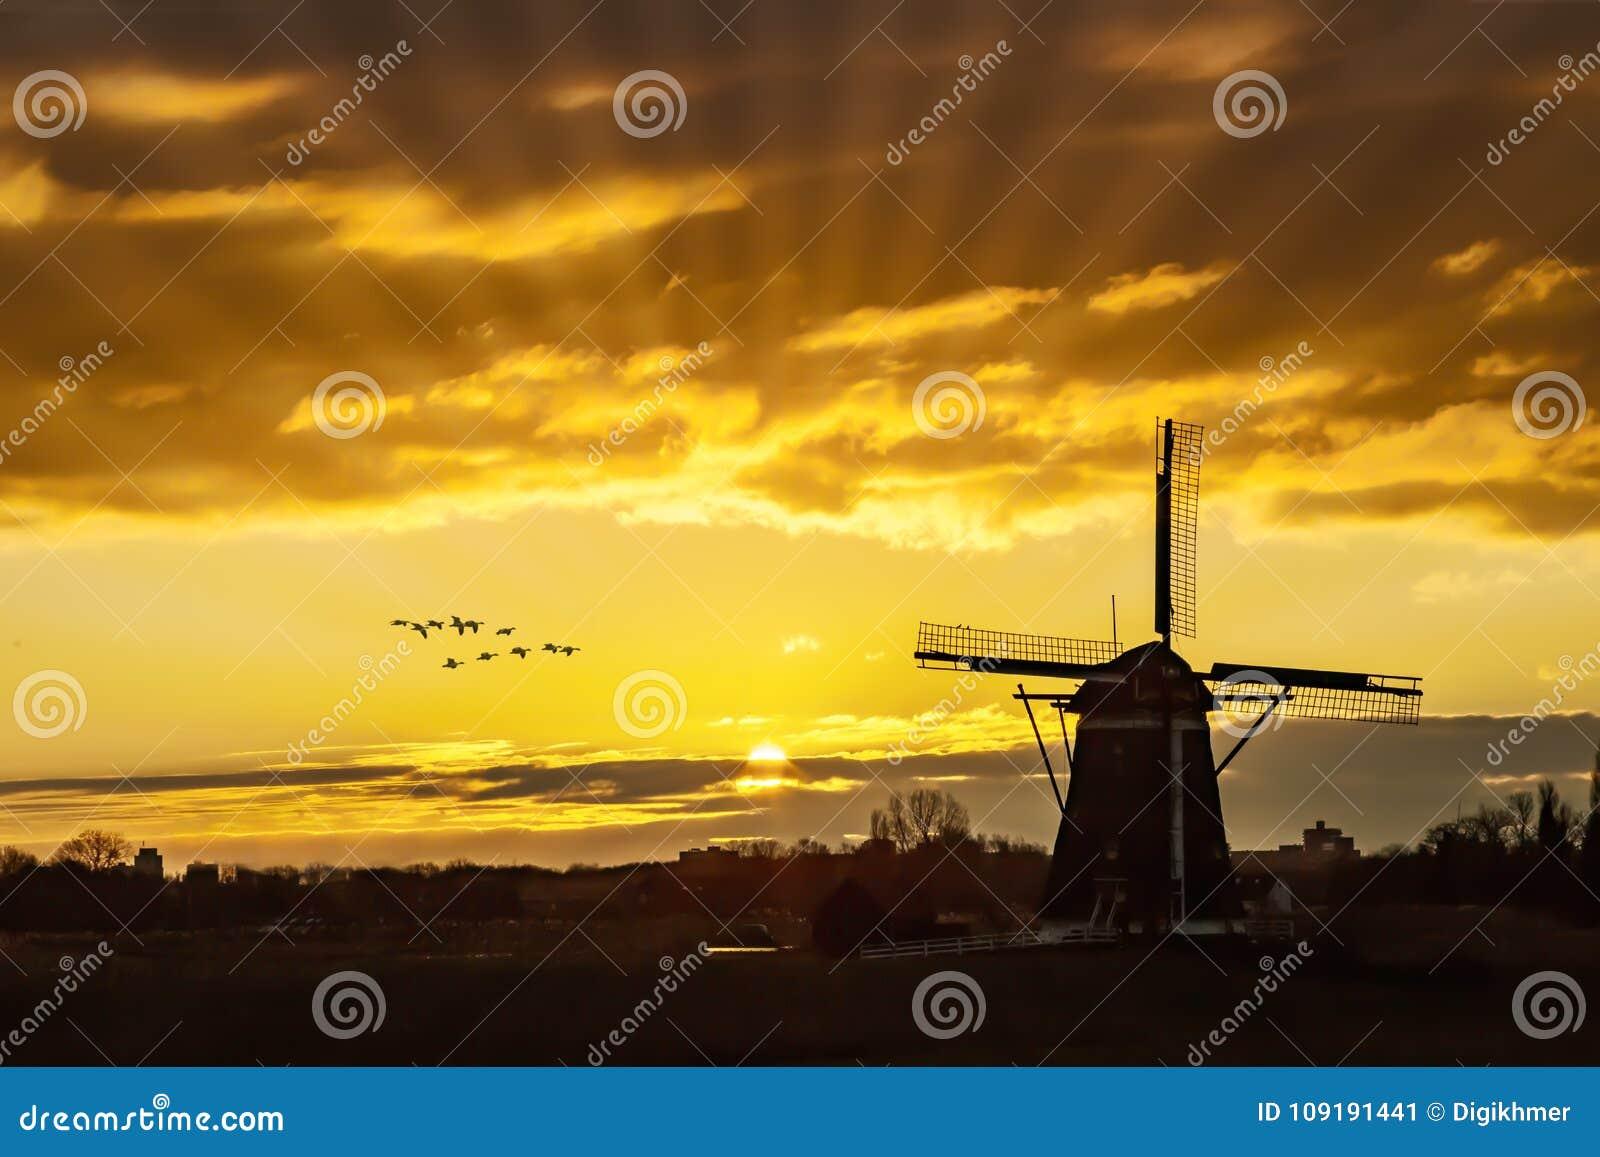 Oies volant contre le coucher du soleil sur le moulin à vent néerlandais